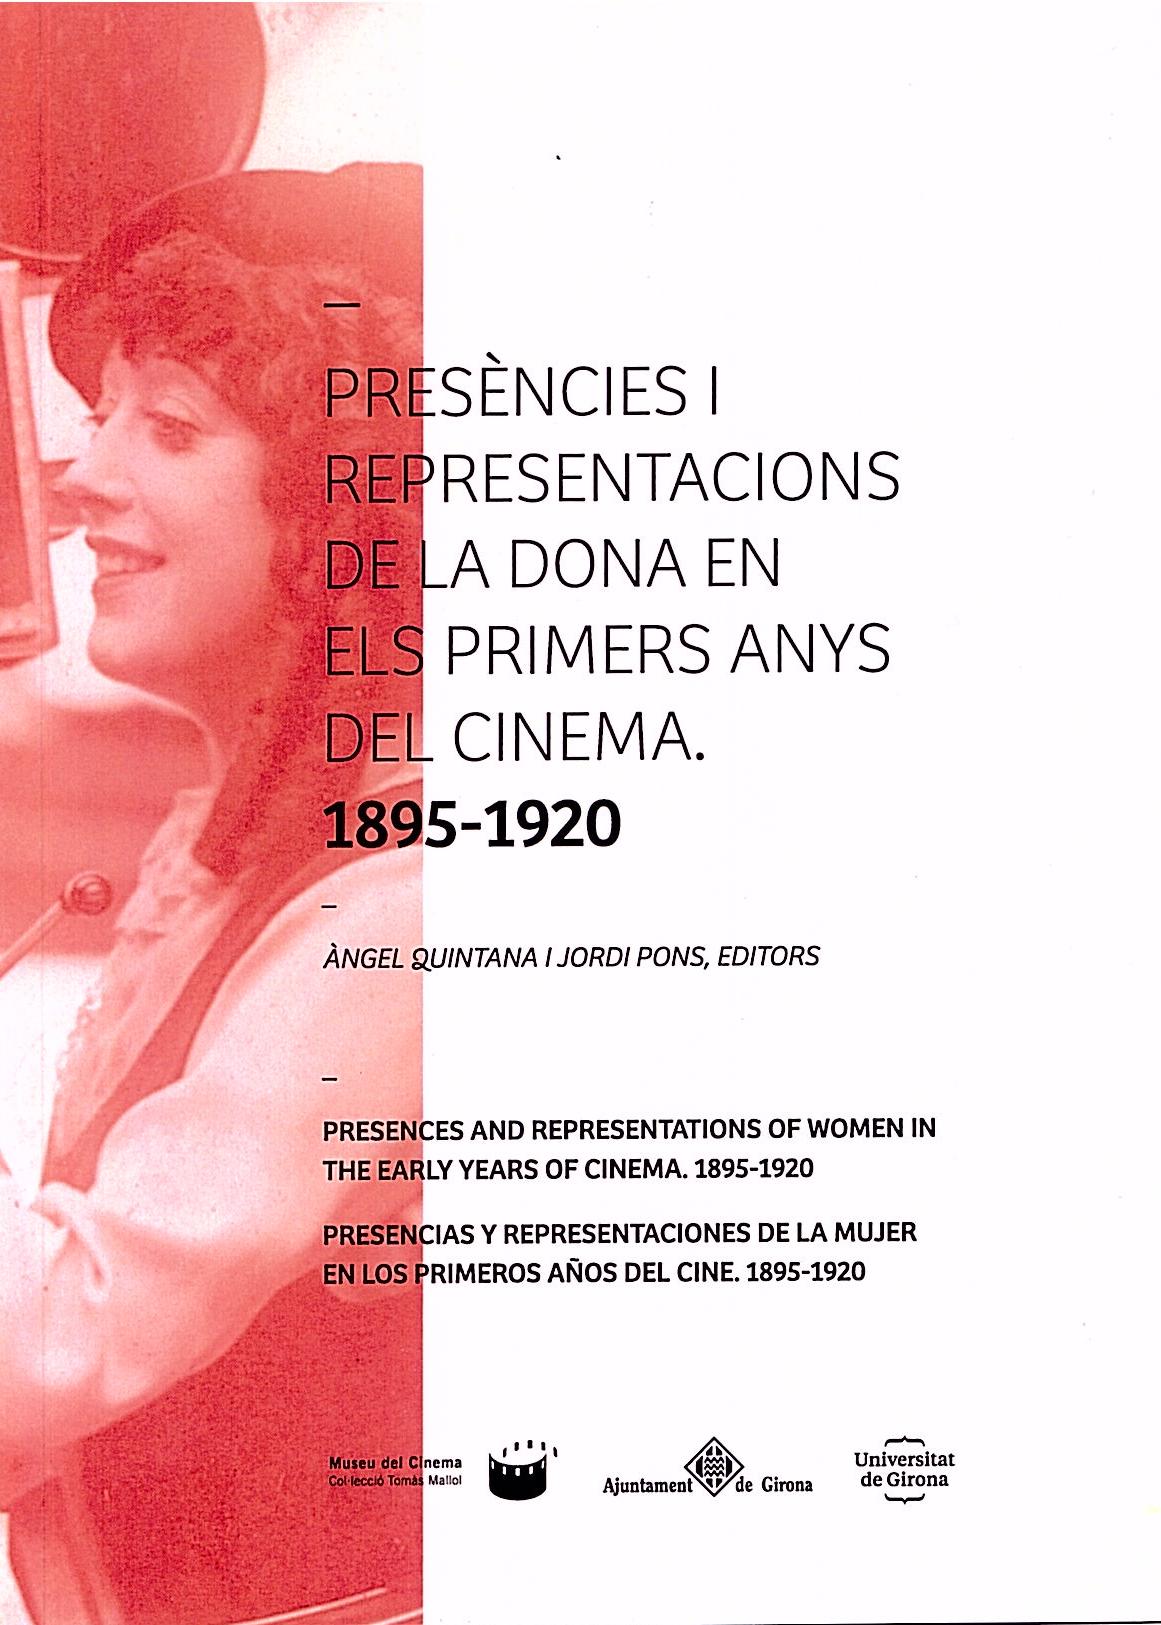 Portada de: Presències i representacions de la dona en els primers anys del cinema (1895-1920)